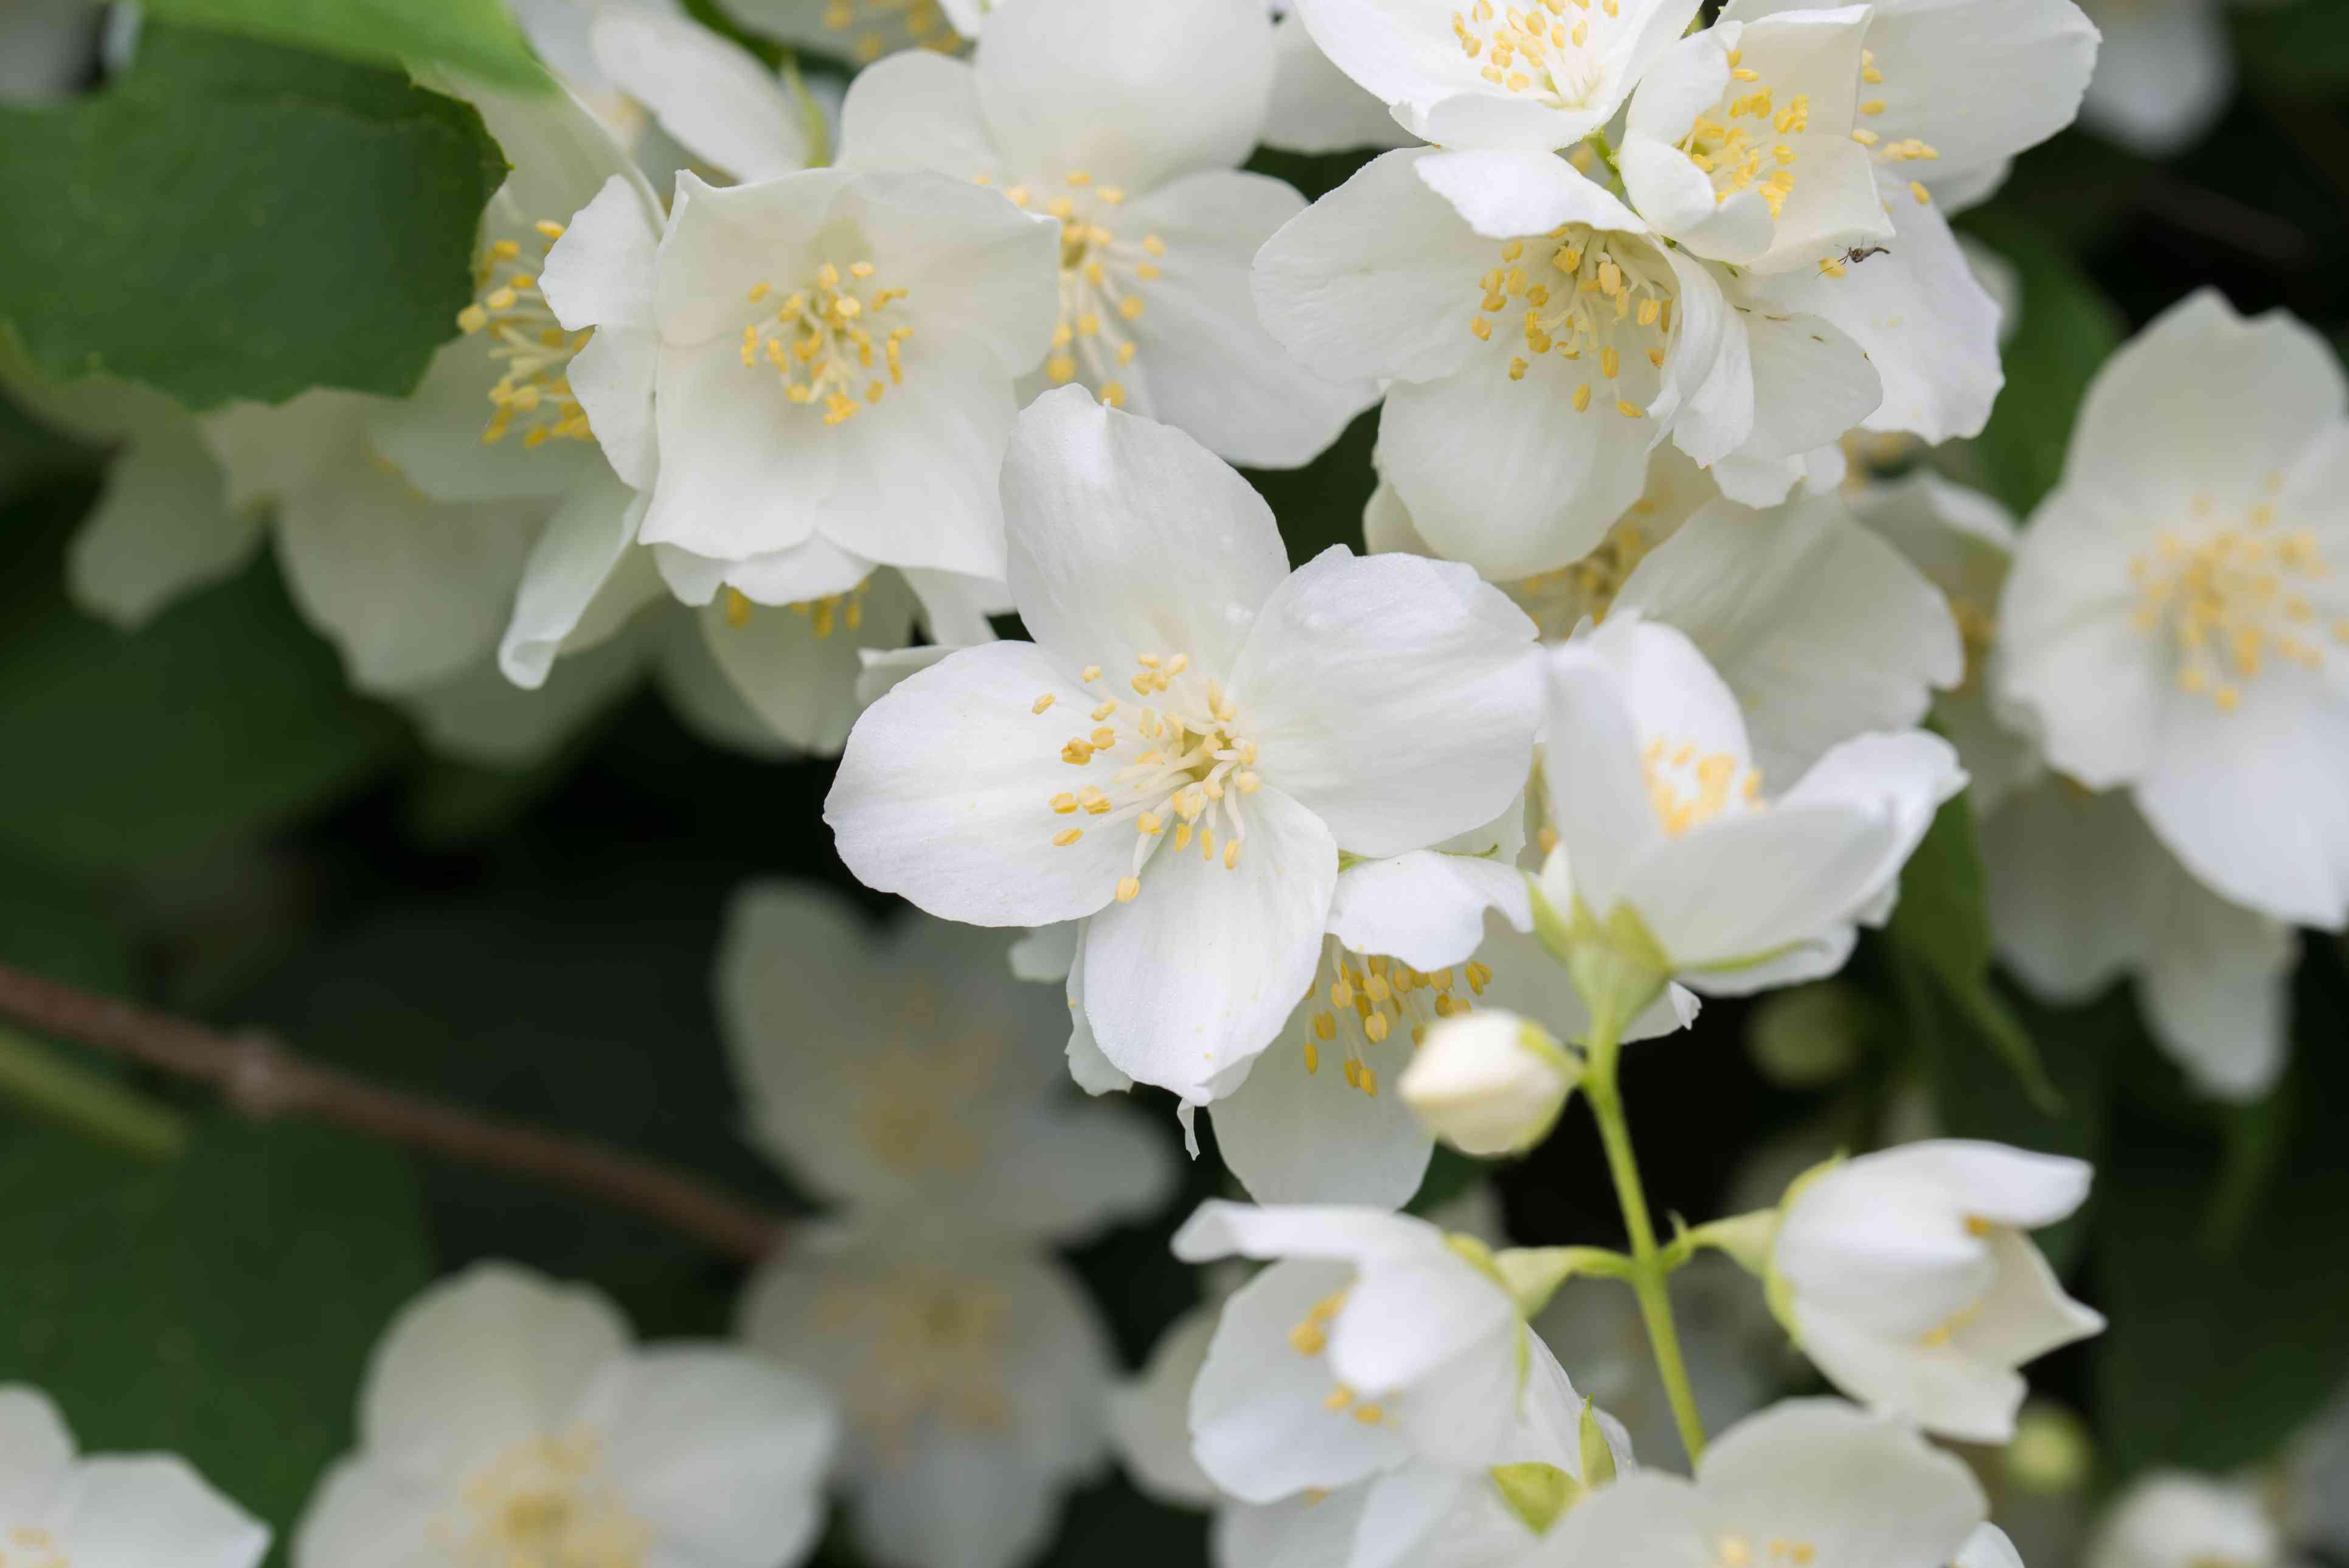 Philadelphus coronarius (sweet mock-orange, English dogwood) white flowers